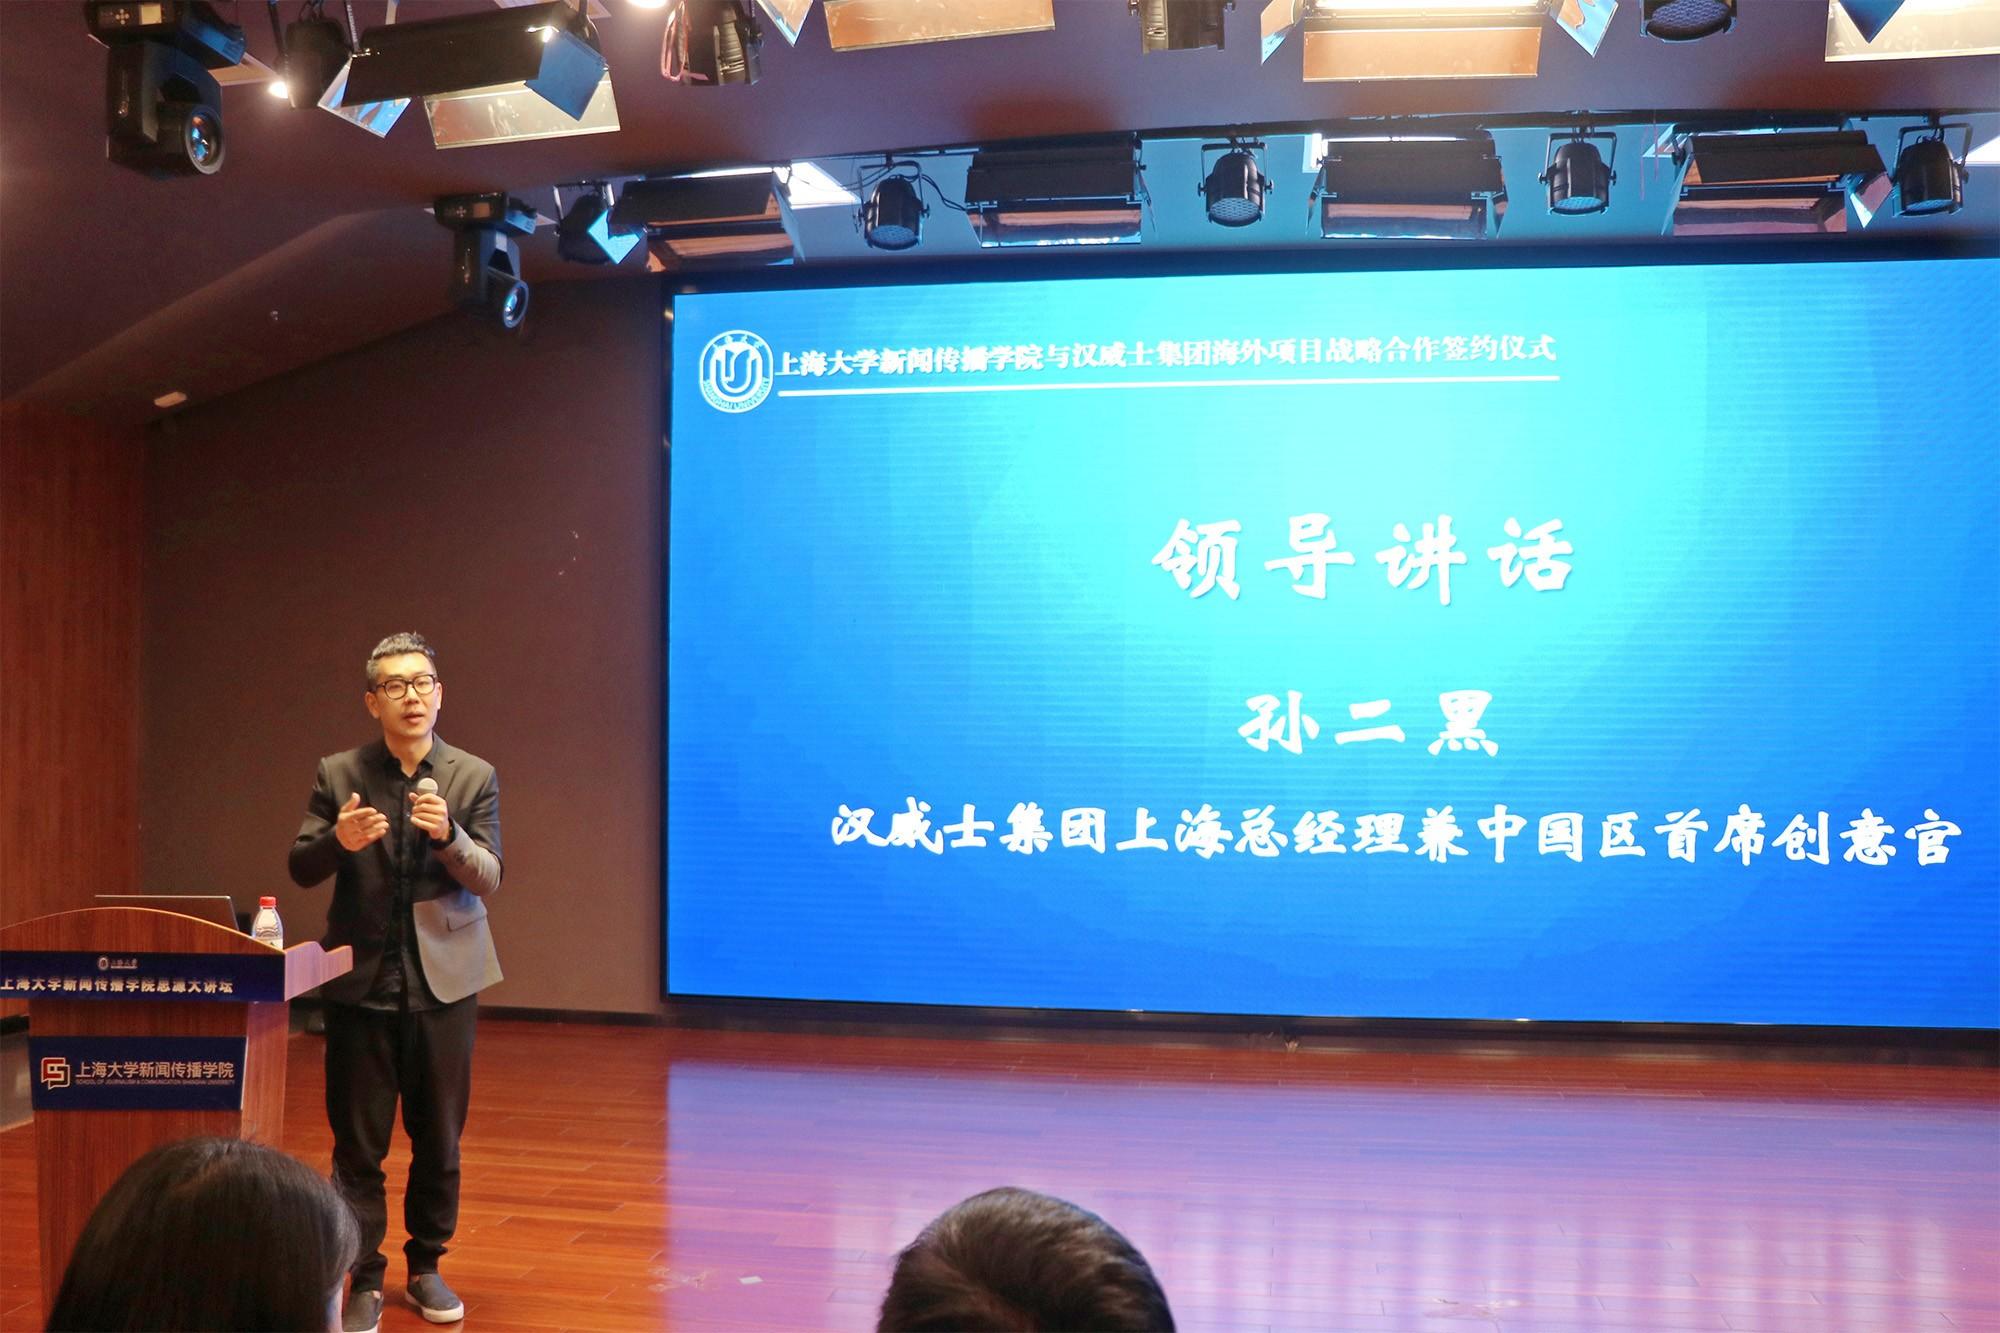 汉威士上海总经理兼中国区首席创意官孙二黑先生致辞.jpg